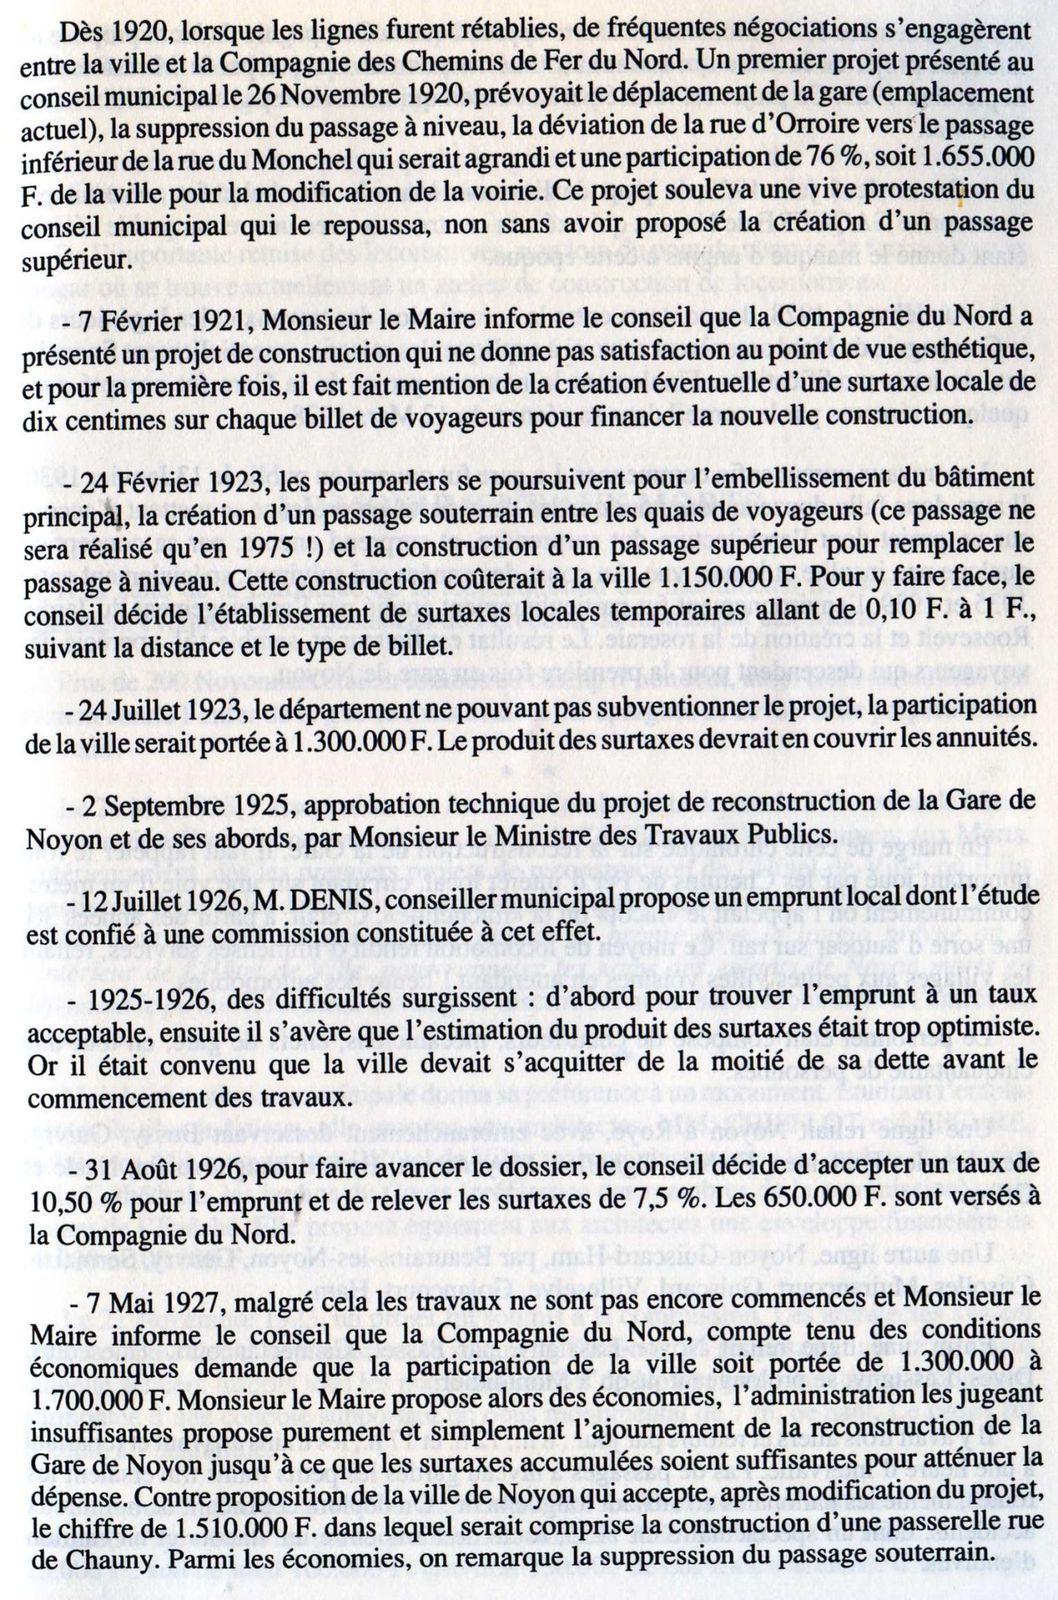 Album - la ville de Noyon (Oise), son Histoire de 1900 à1950 (chapitres 8 9 et 10)